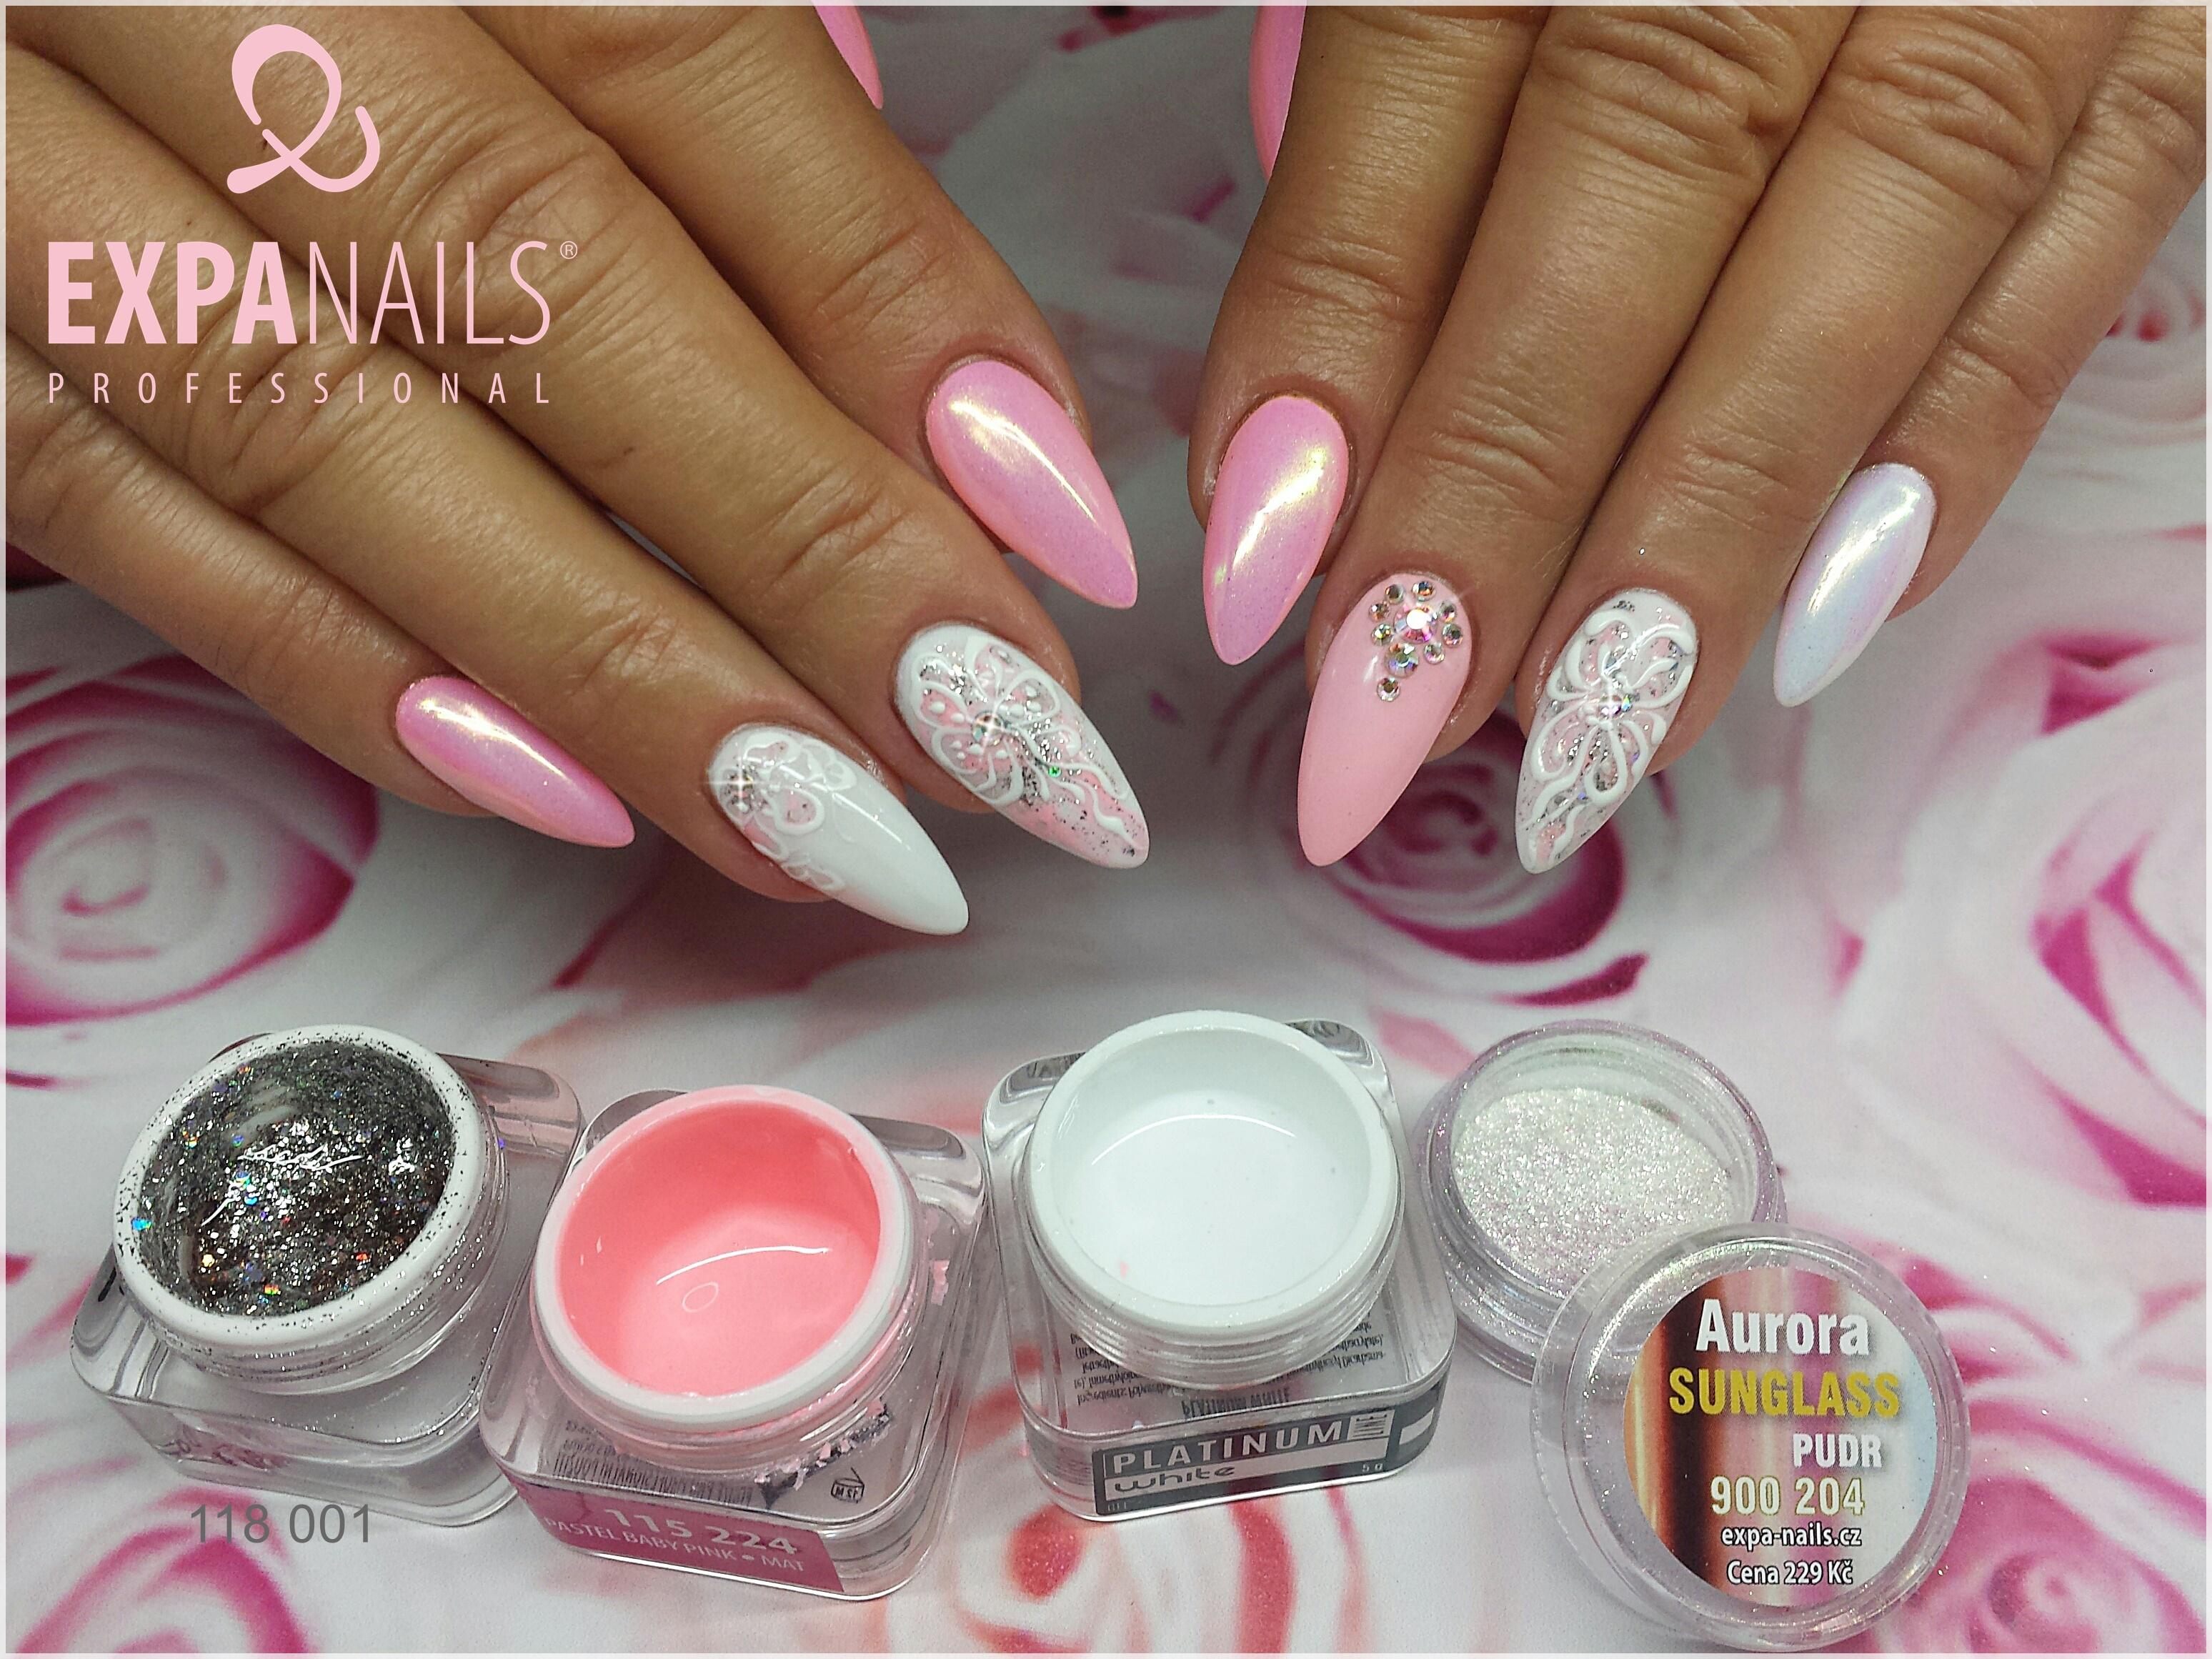 pastel-baby-pink-115-224-white-platinum-400090-aurora-900204_1.jpg